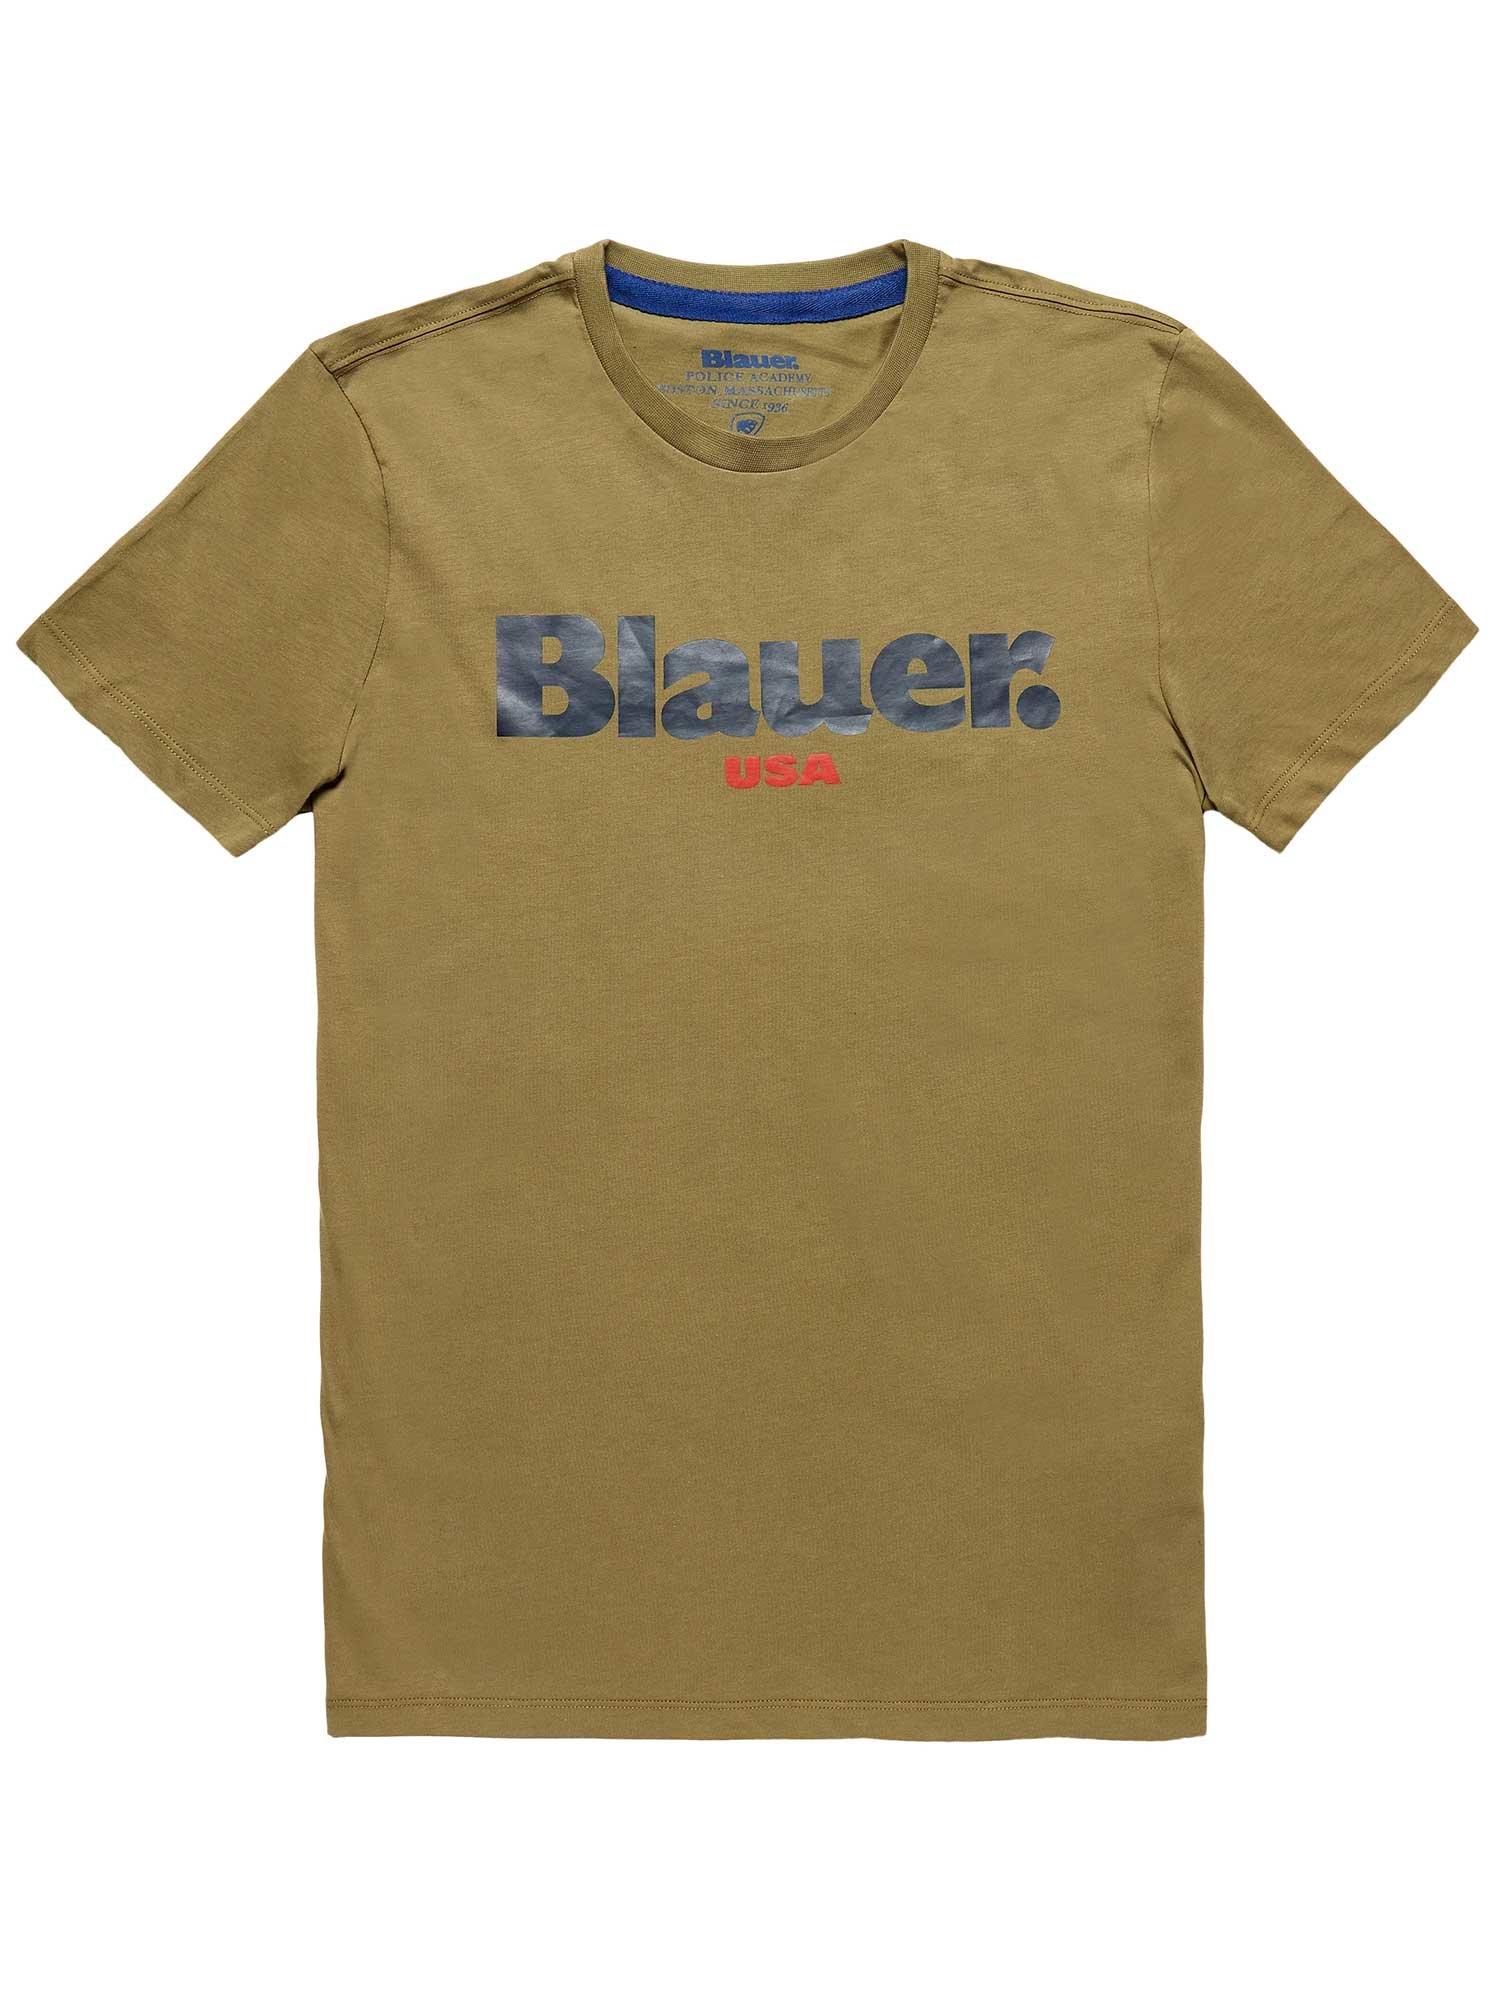 Blauer - BLAUER USA T-SHIRT - Green Algae - Blauer